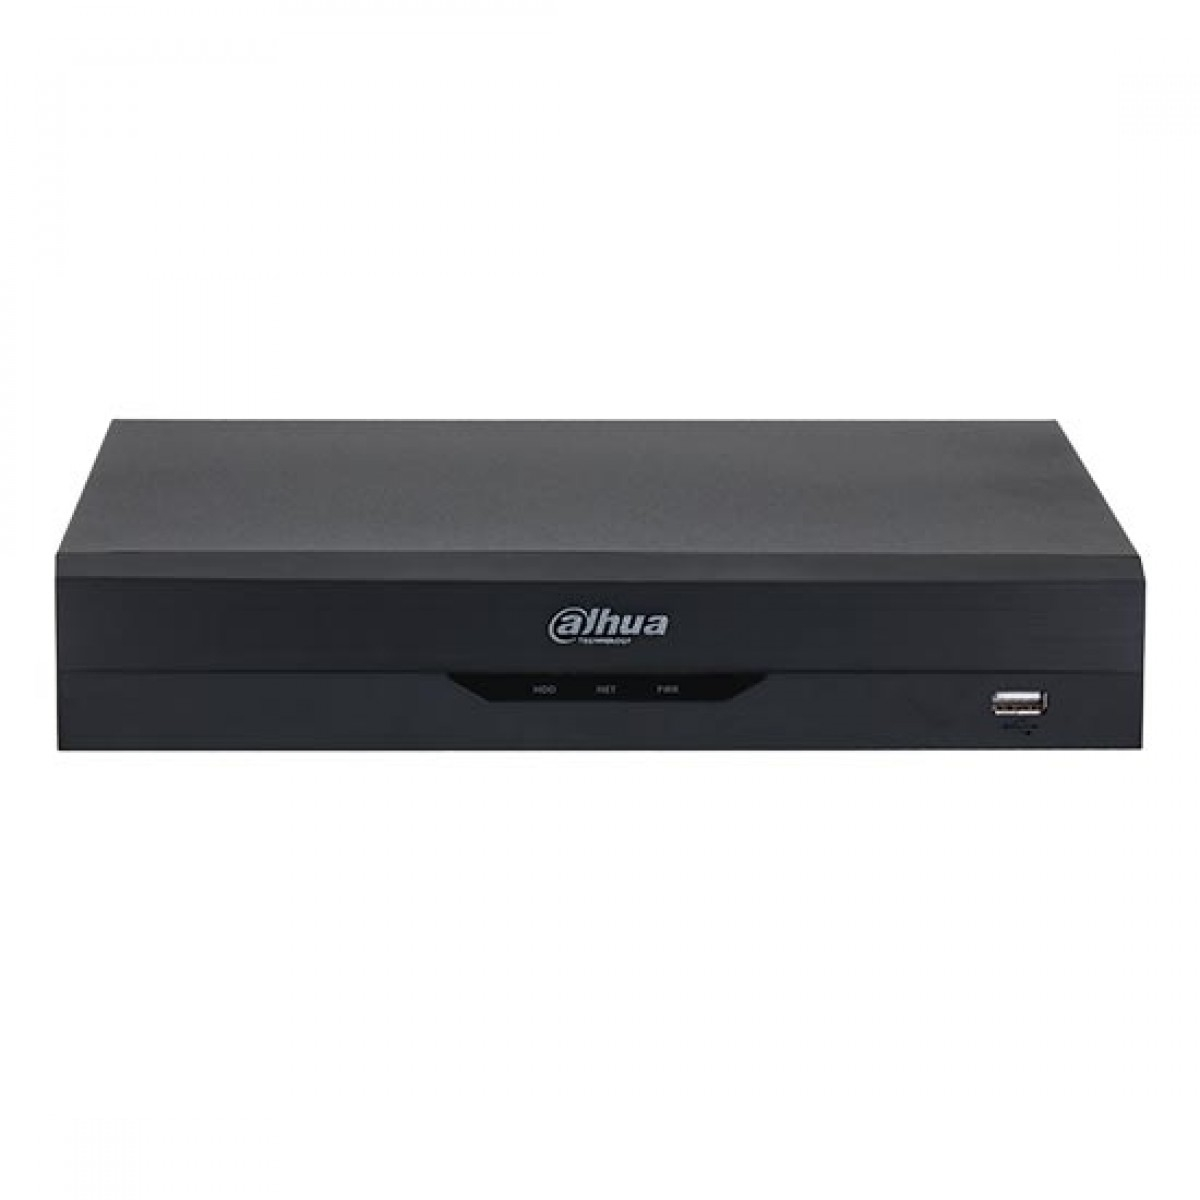 Εικόνα της XVR5232AN-I2  32 Channel Penta-brid 5M-N/1080P 1U WizSense DVR Dahua